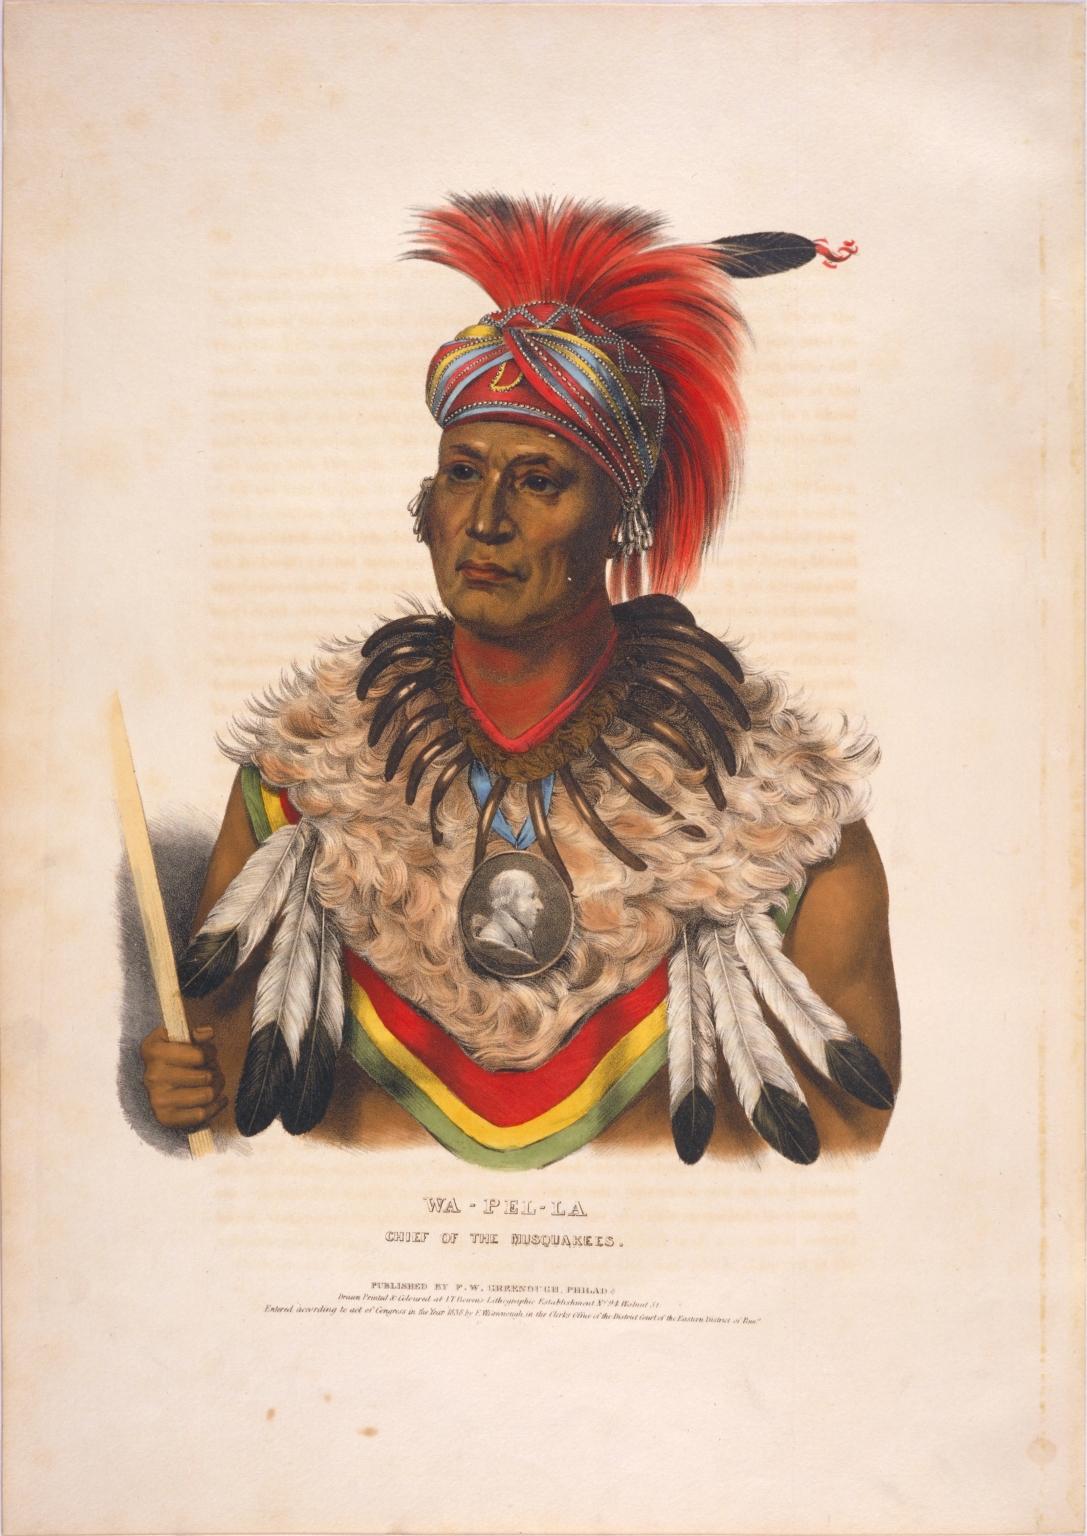 Wa-pel-la, chief of the Musquakees